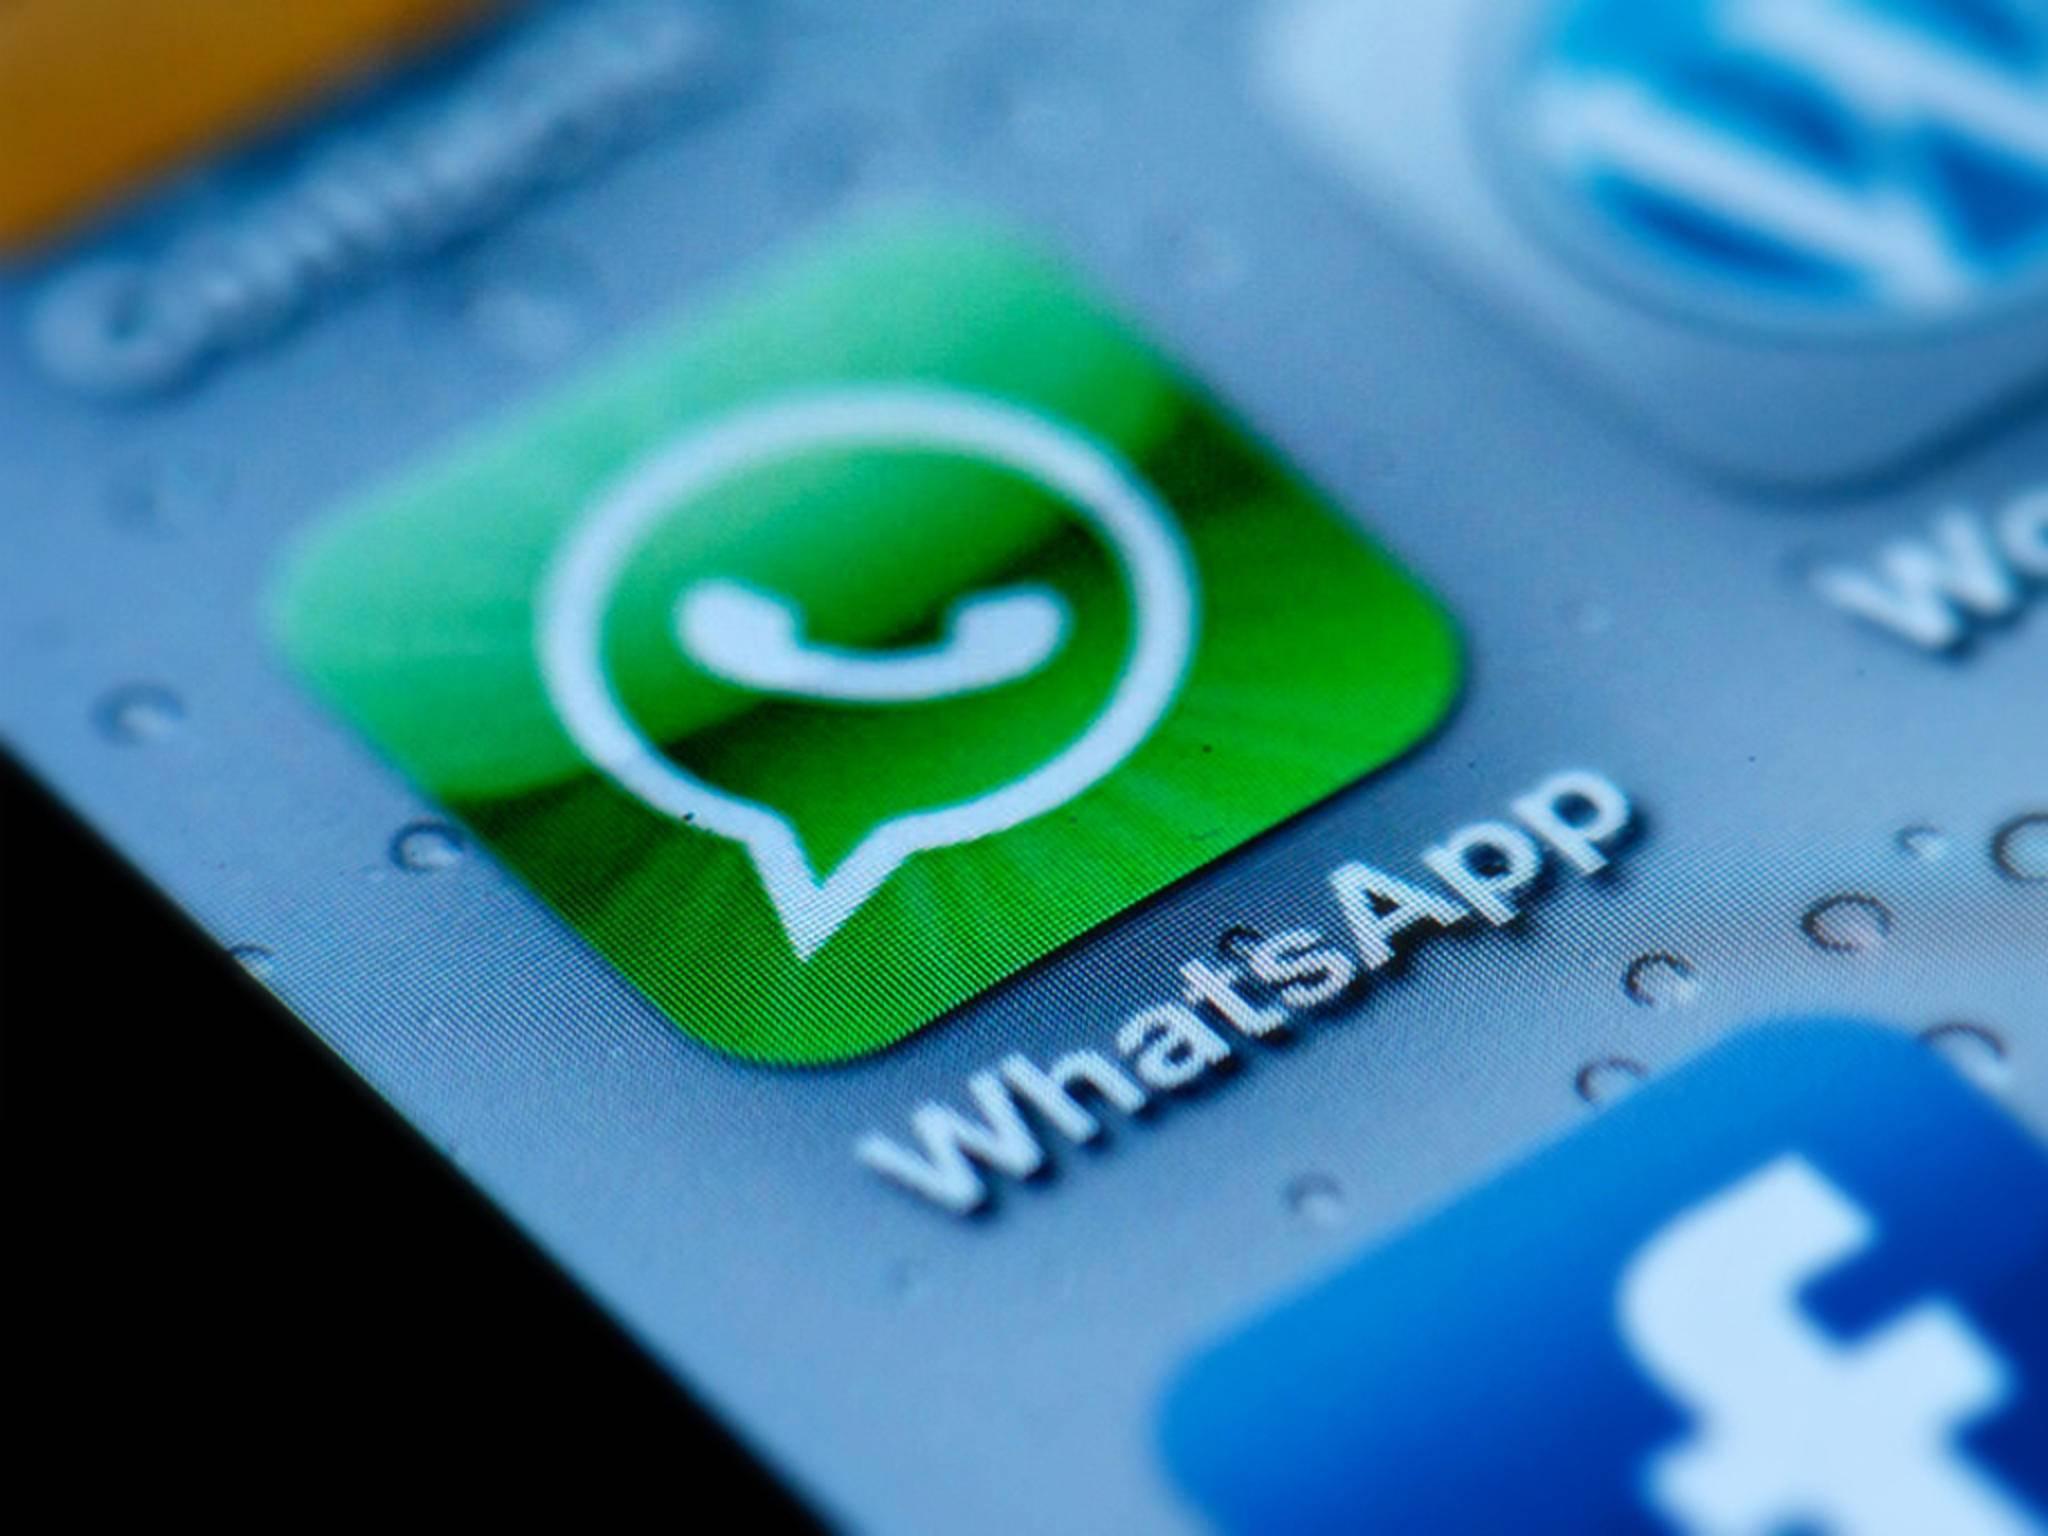 Ein Update für die Android-Version von WhatsApp bringt einige neue Funktionen mit sich.